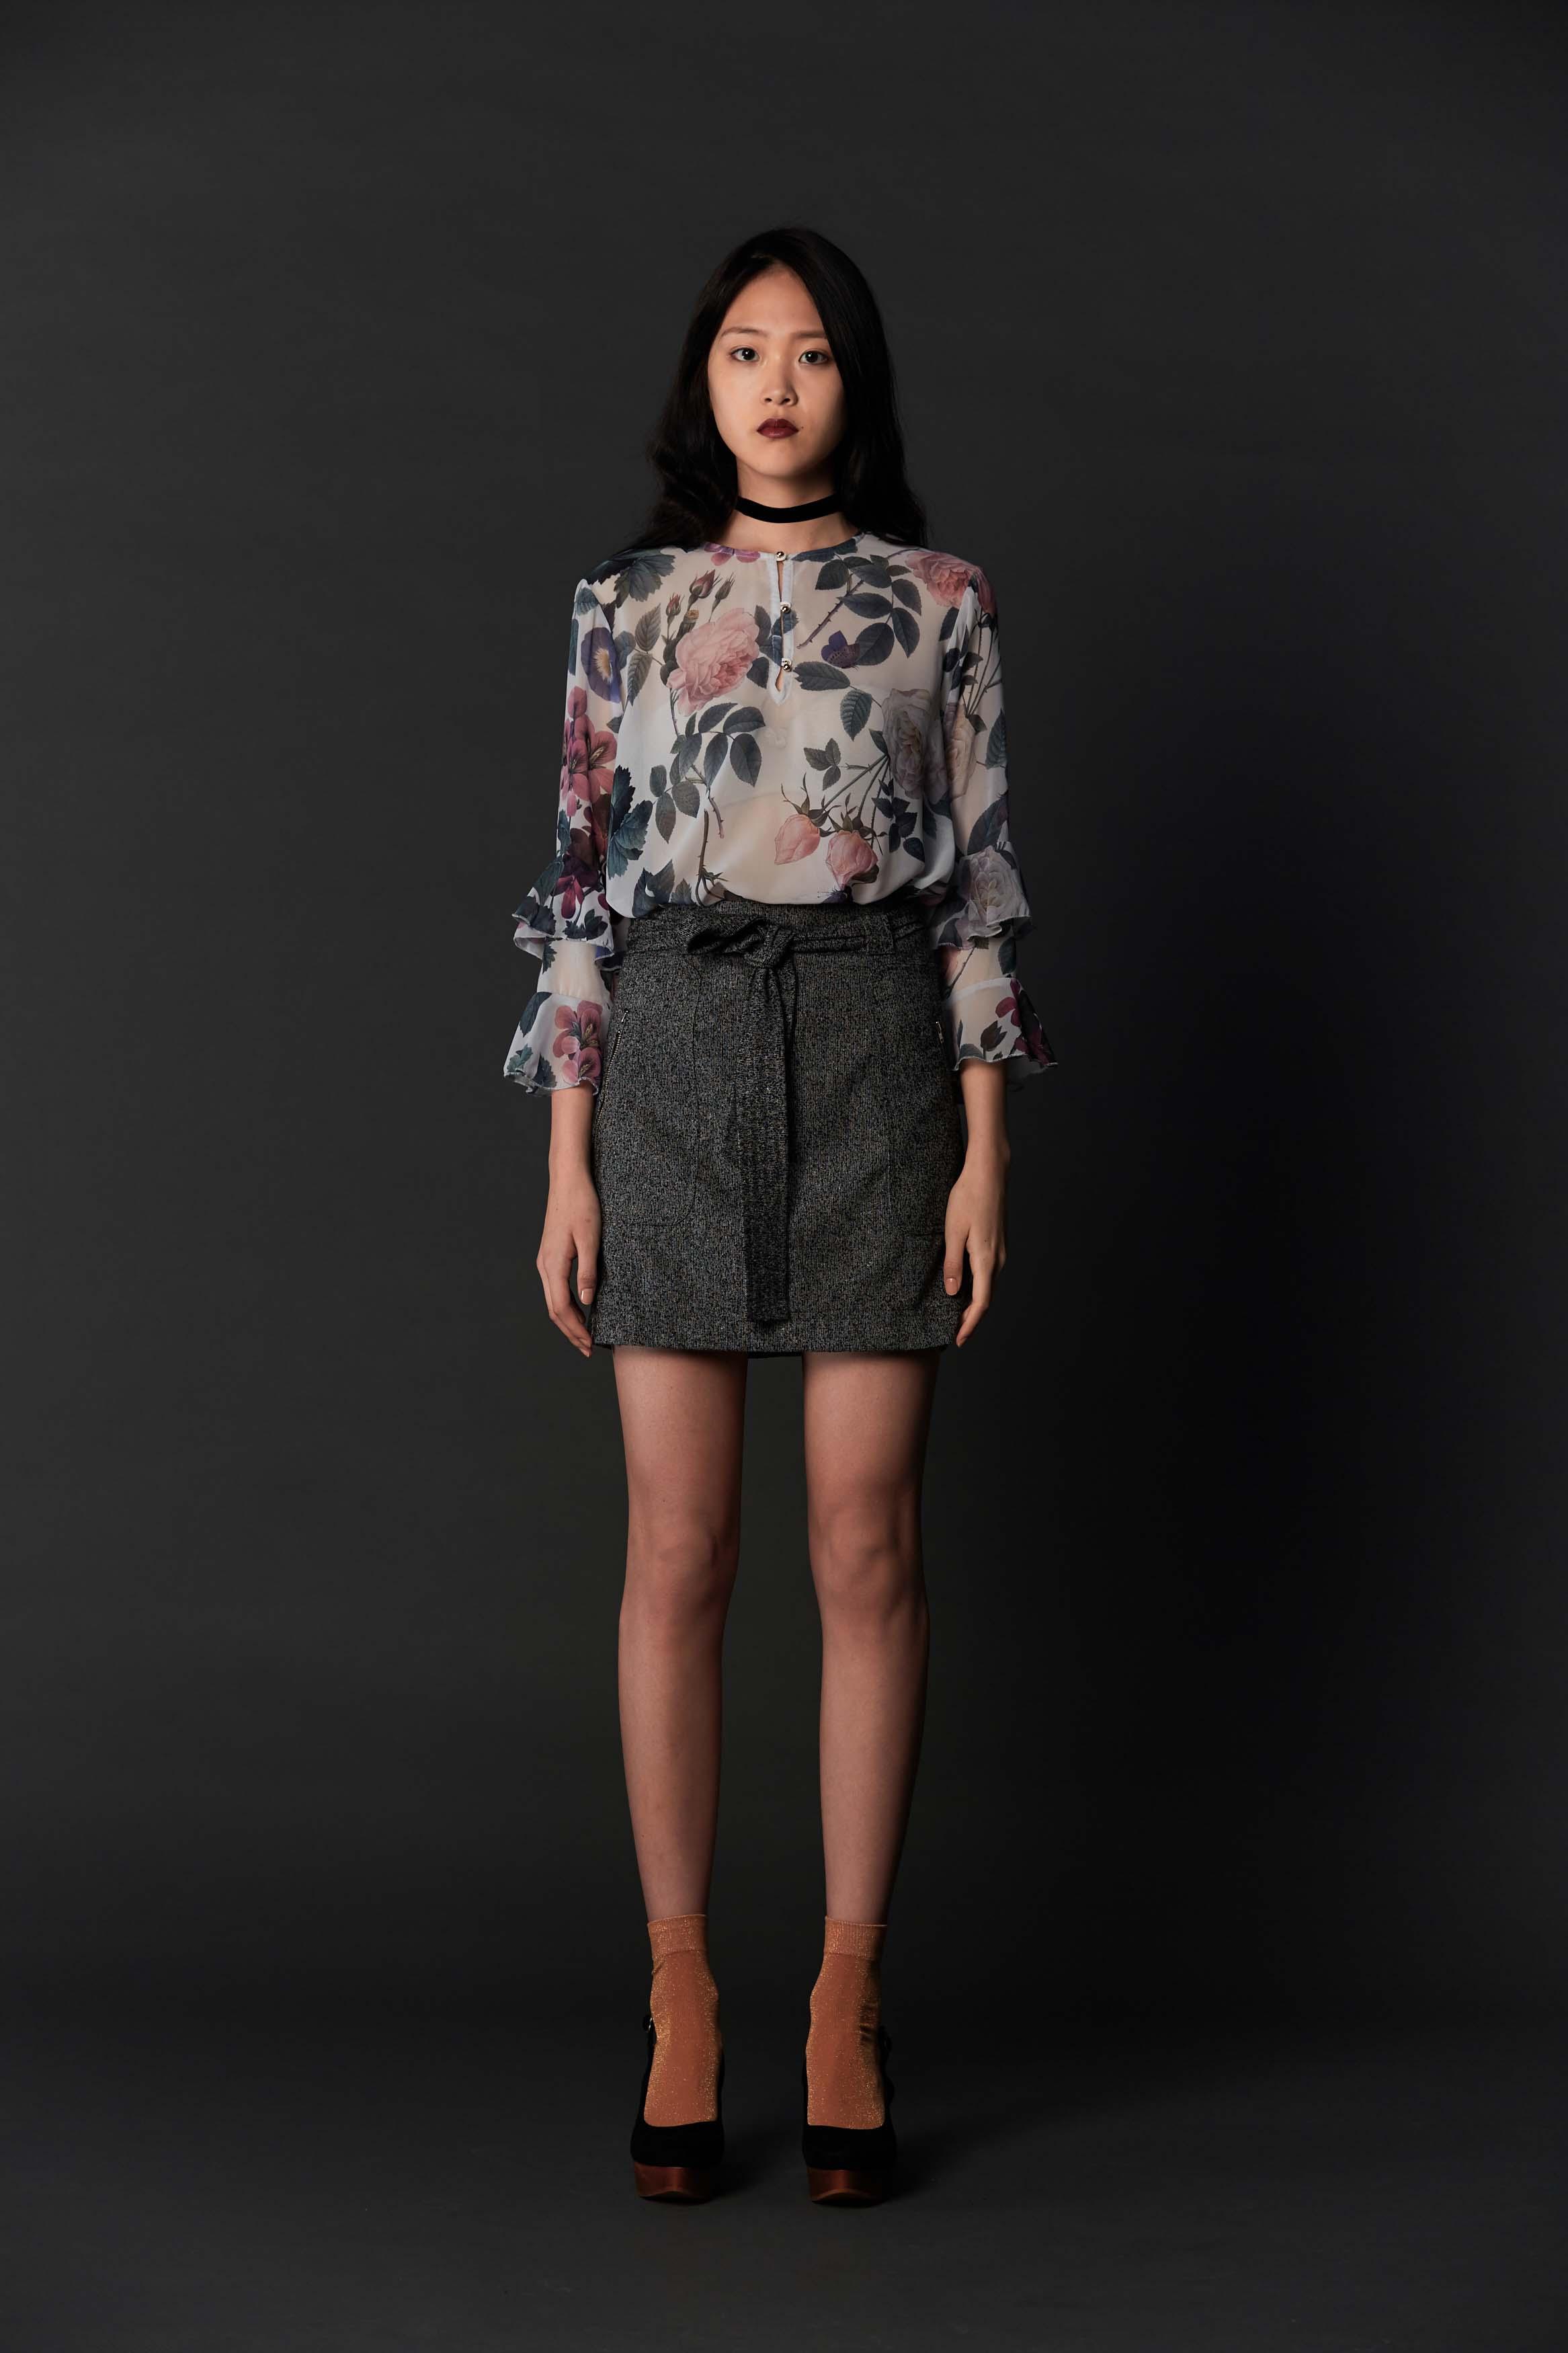 RUBY Papillon Blouse, Zora Miniskirt & Halo Heel